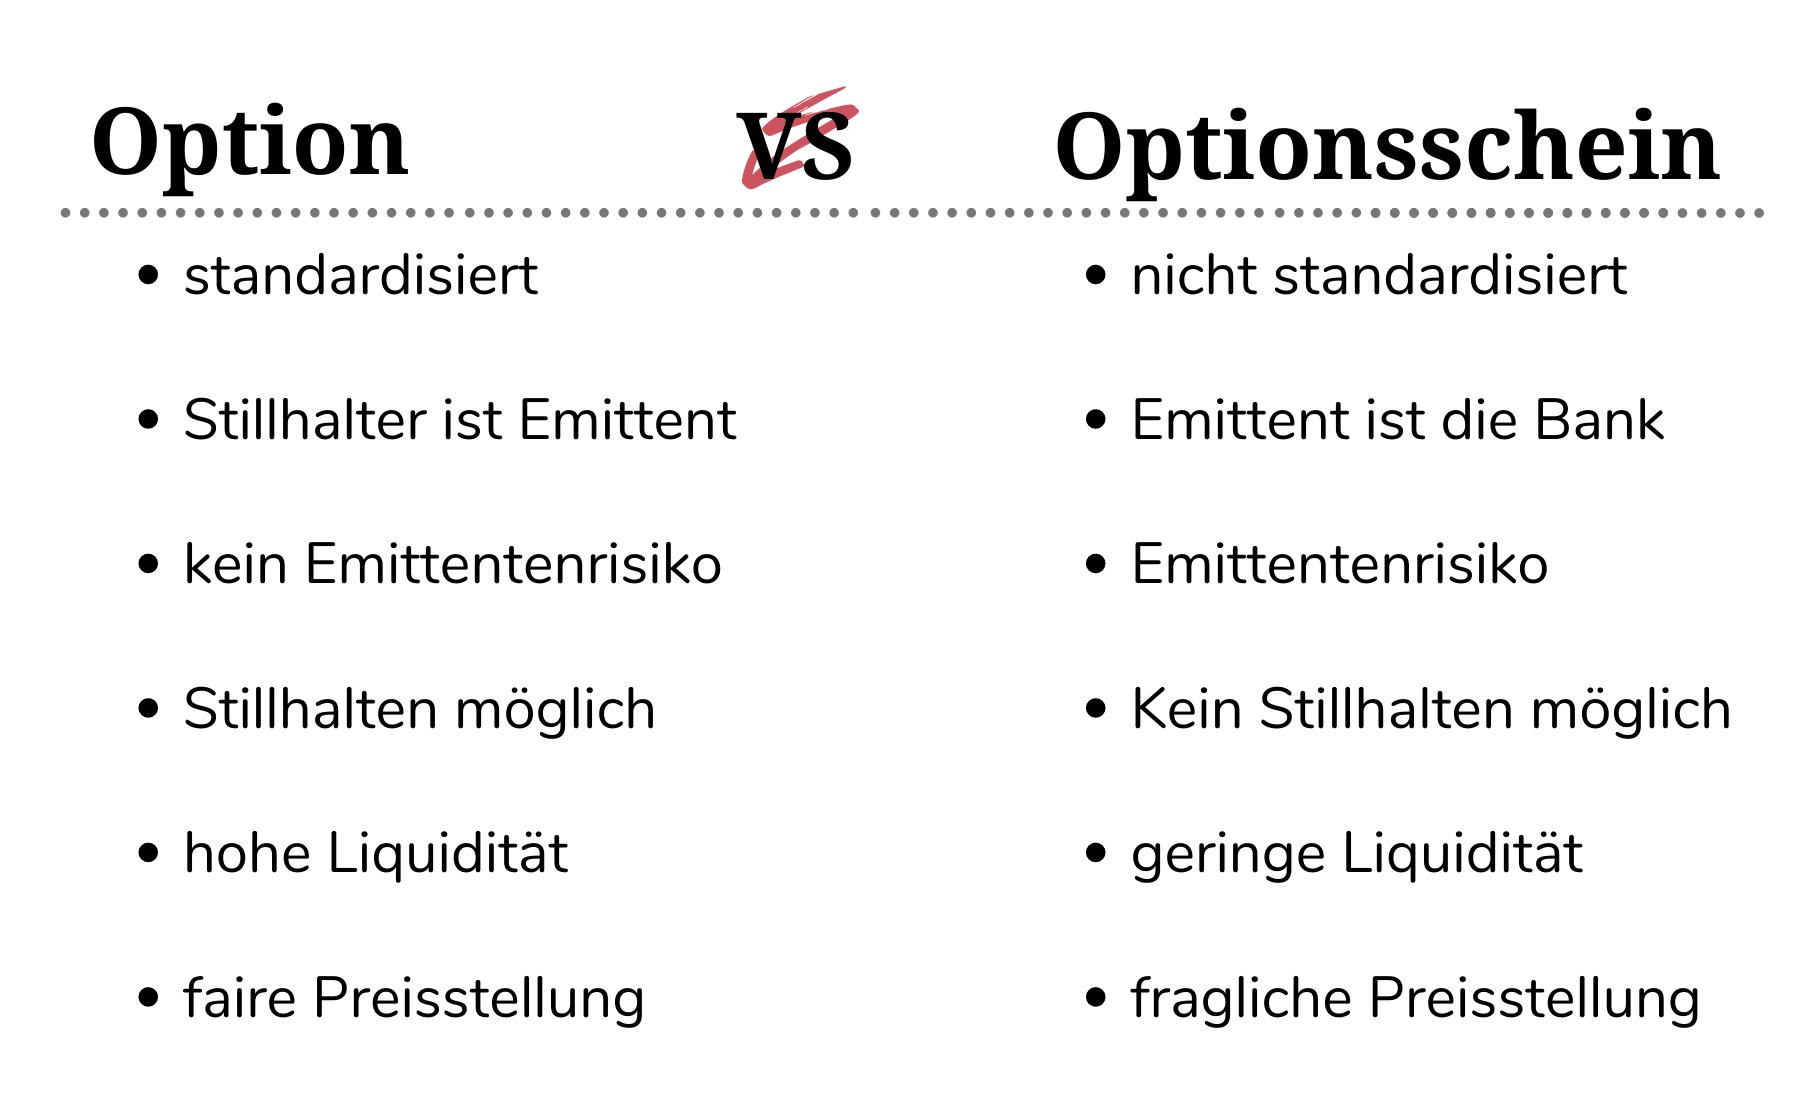 unterschied zwischen optionen optionsscheinen leniex betrug oder seriös?